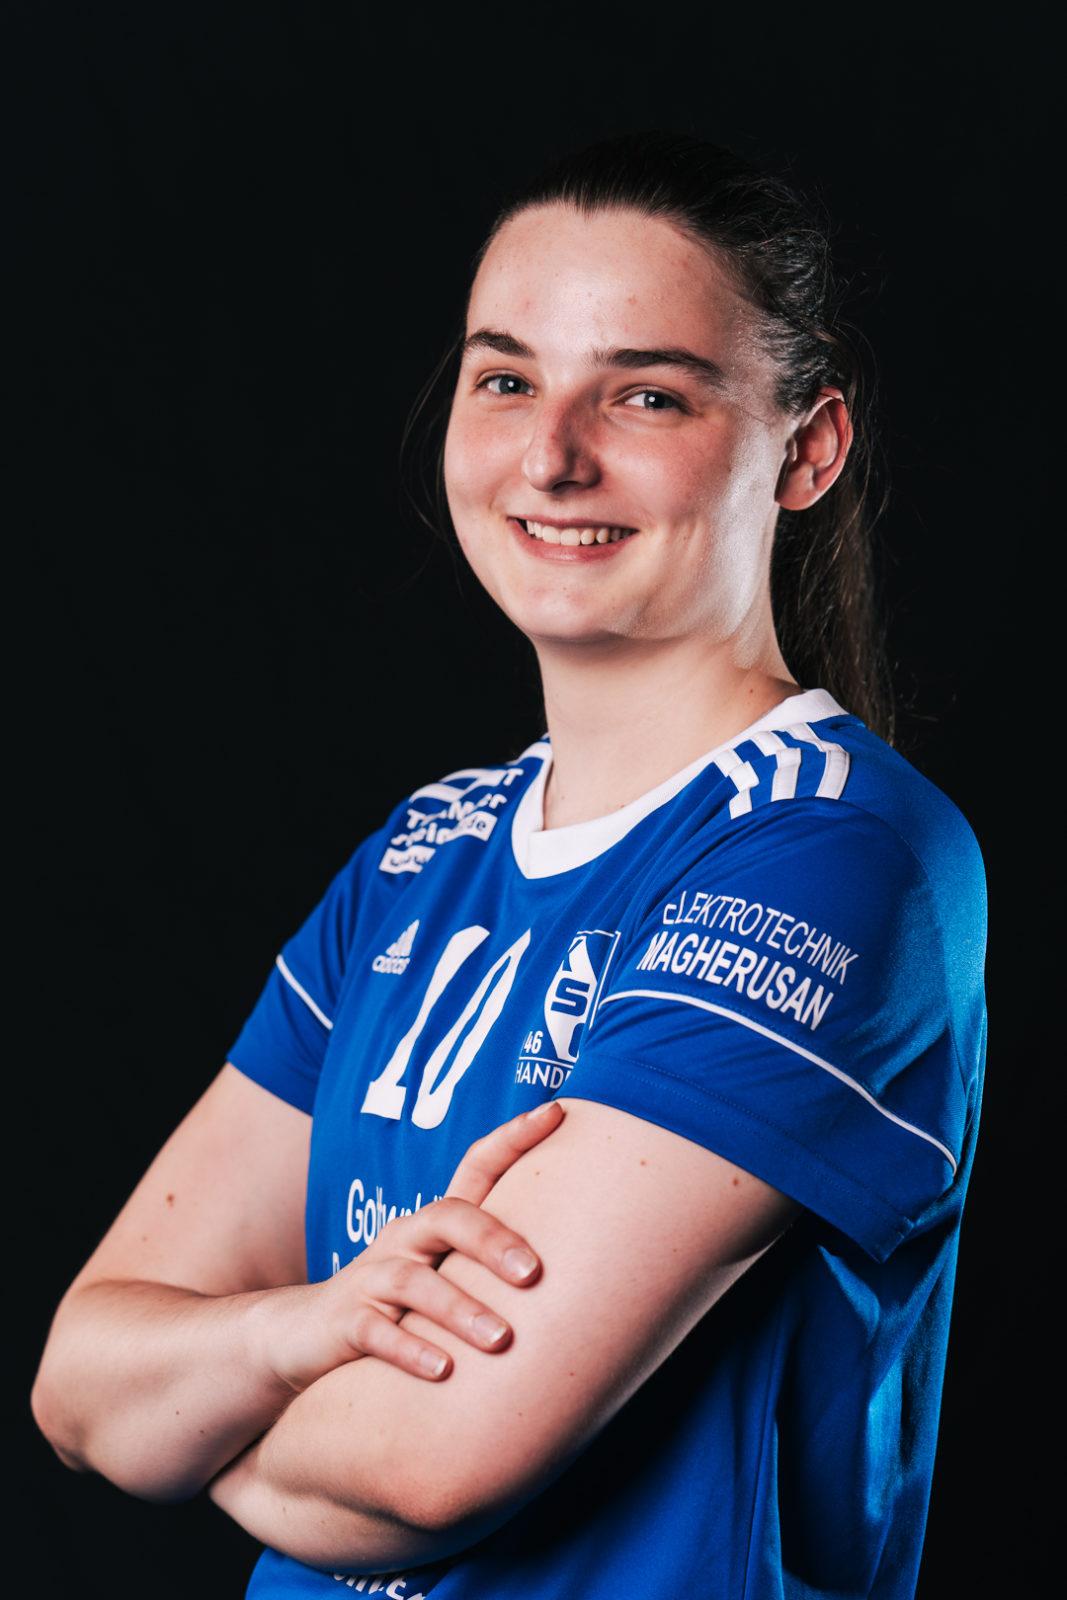 Lisa Neumeier